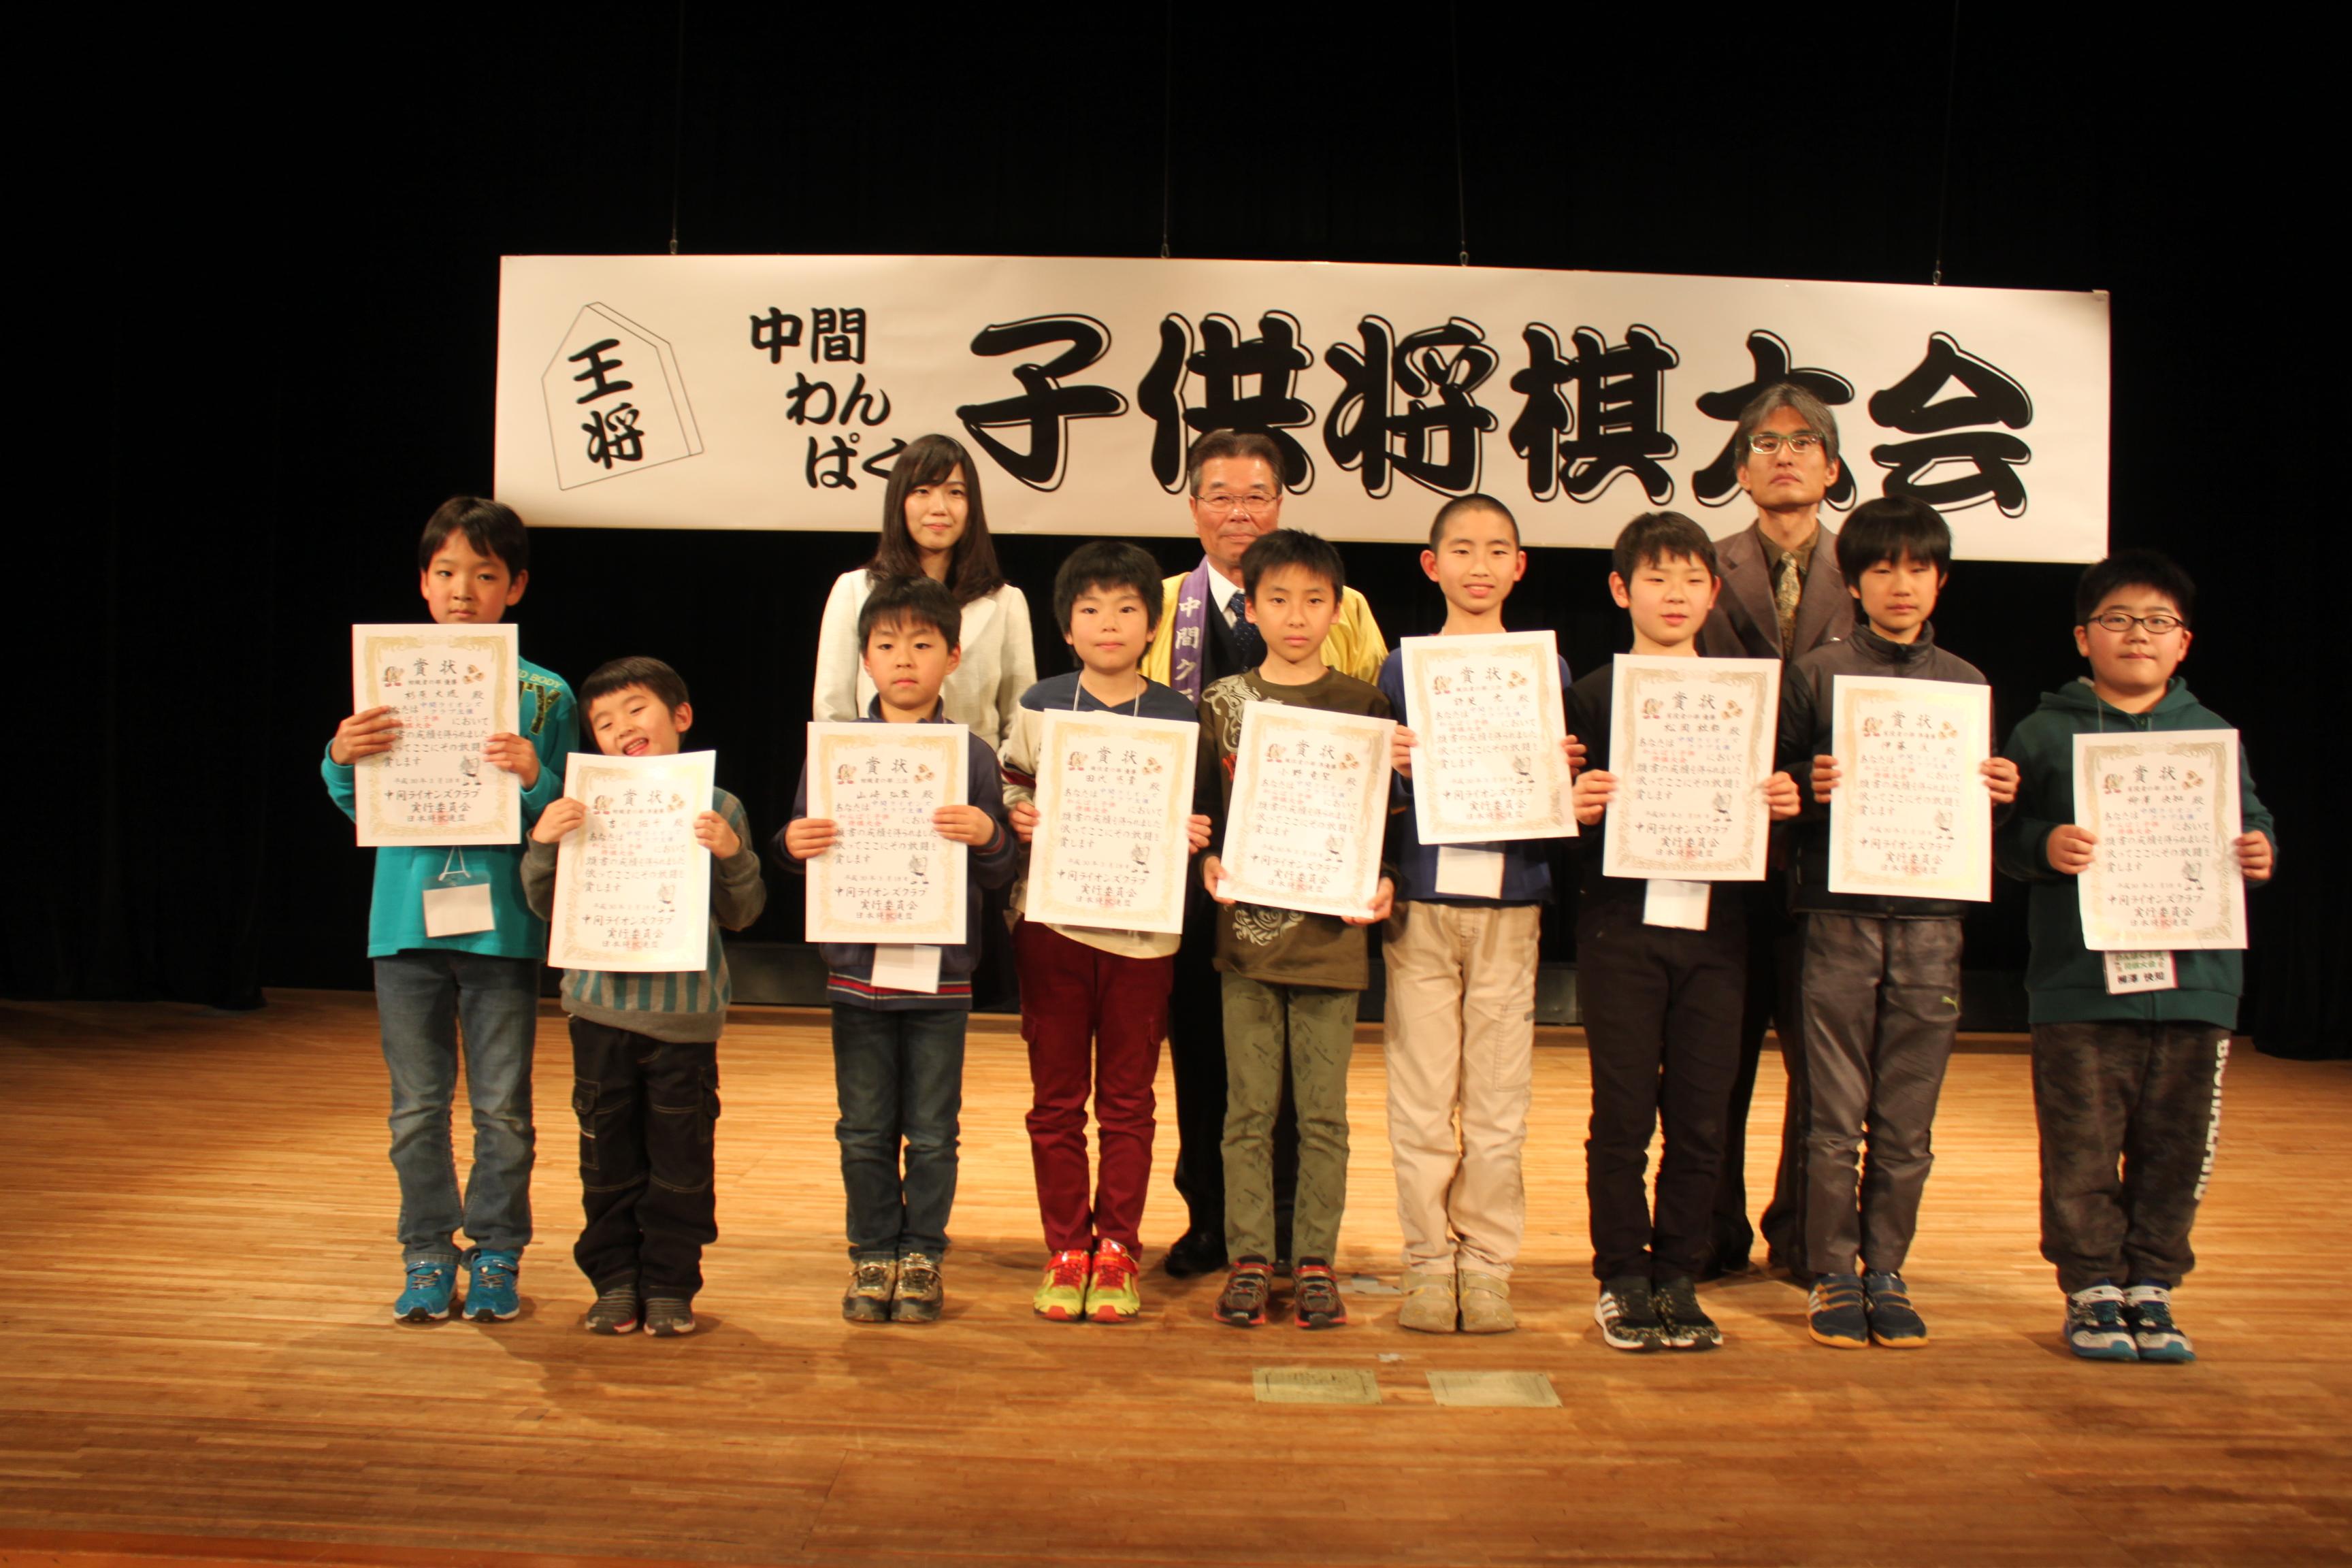 表彰された子供たち